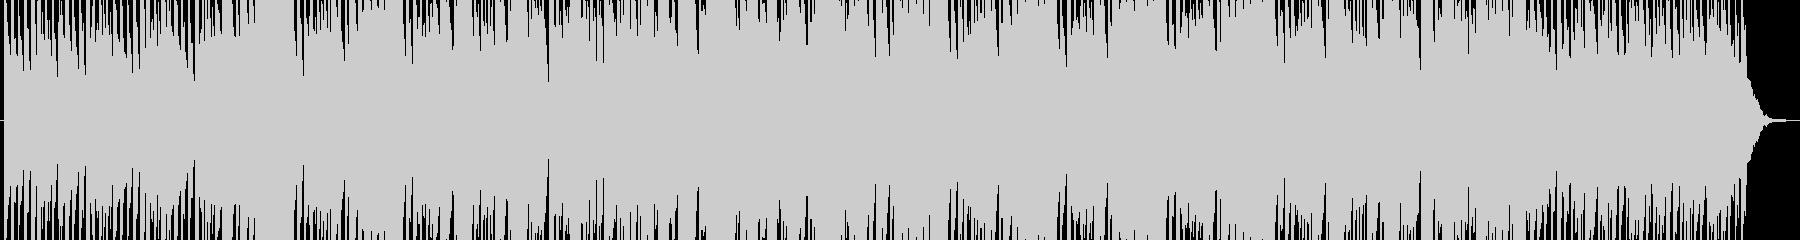 【CM】明るく爽やかなピアノインストの未再生の波形